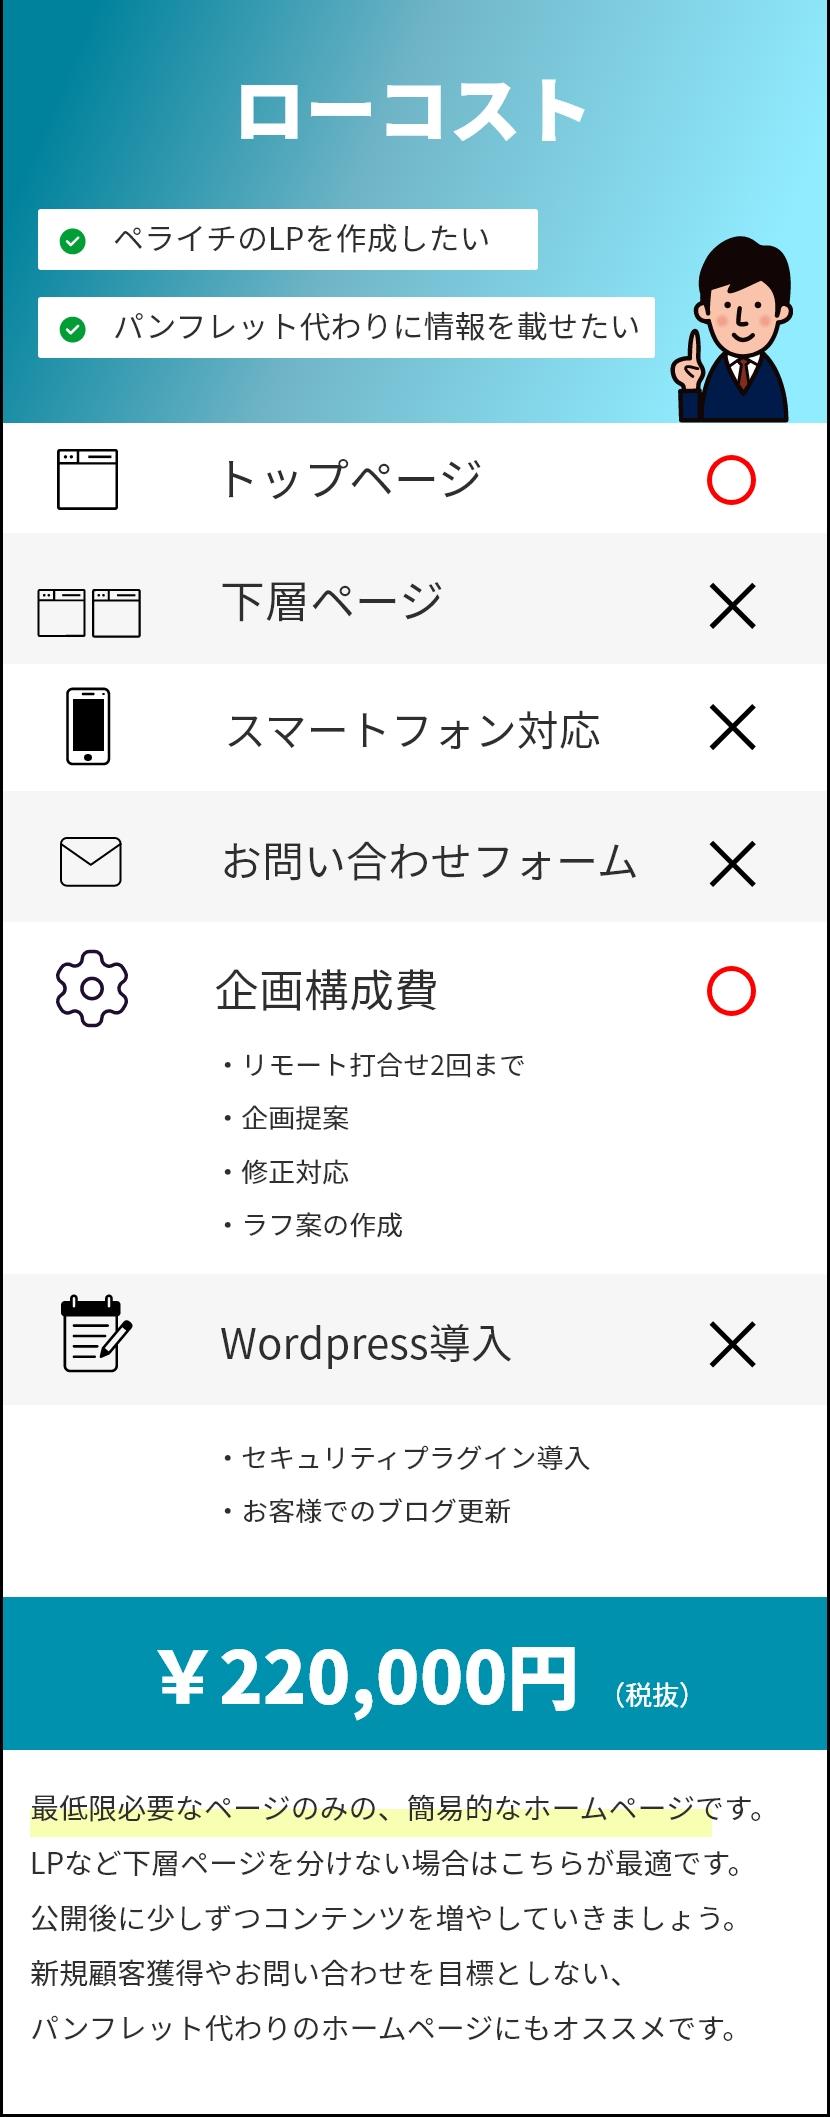 保田デザイン事務所料金表